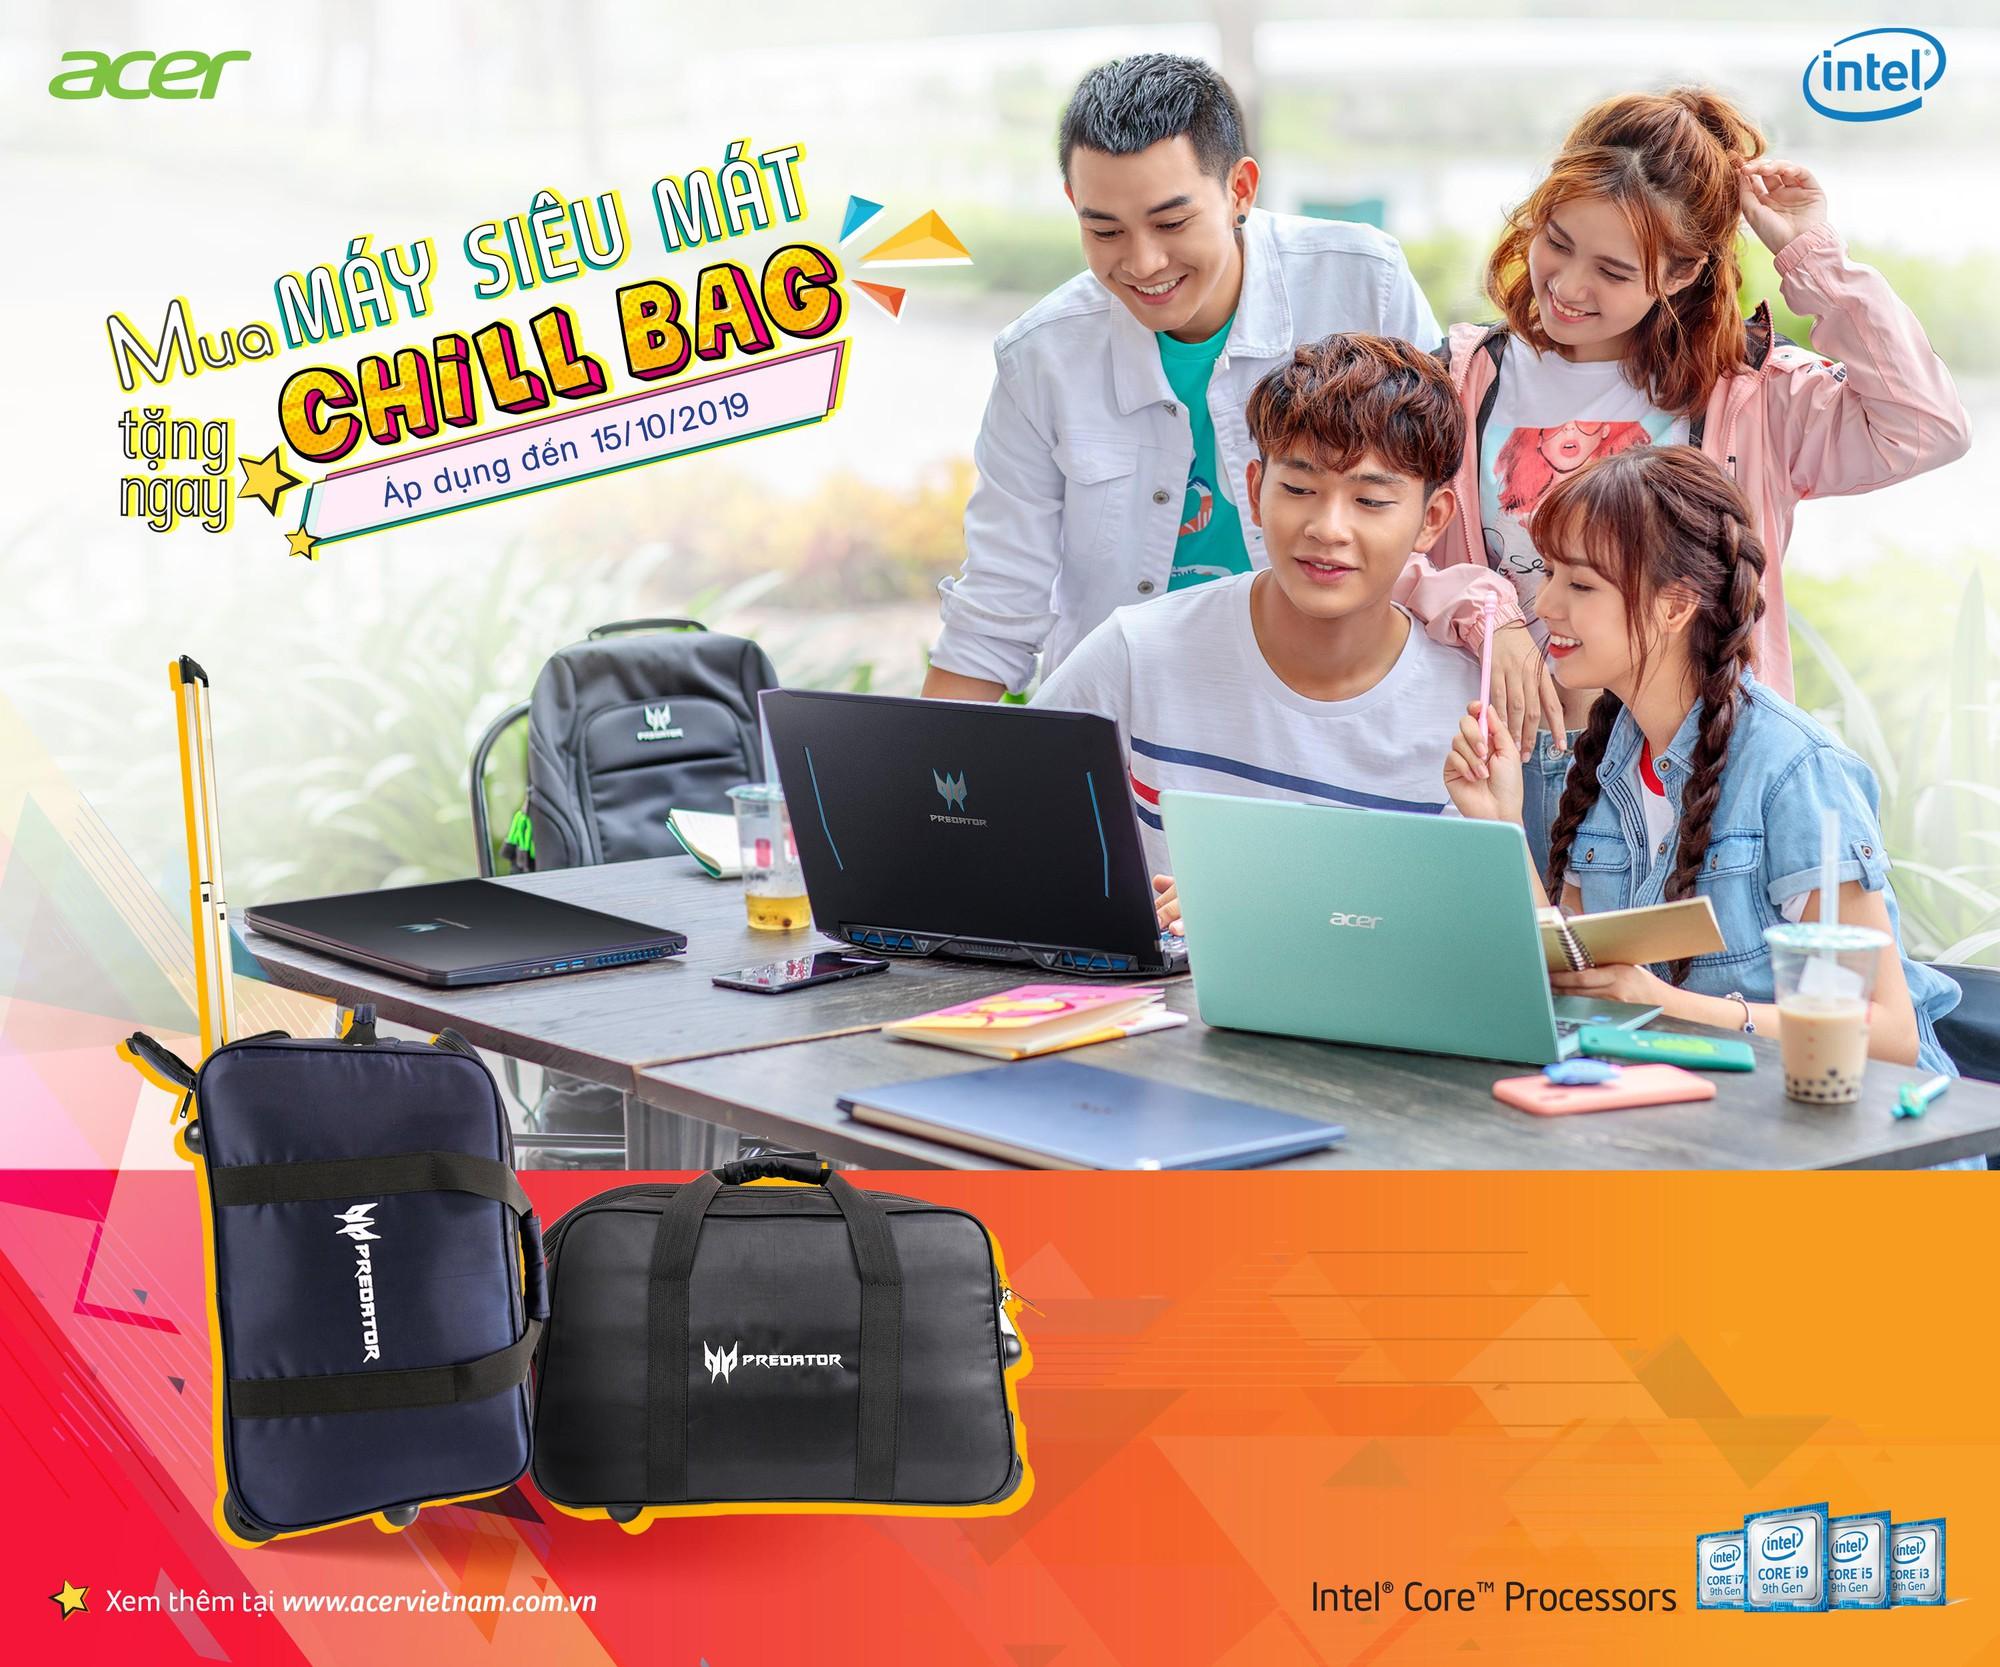 Bí quyết chọn laptop chuẩn cho sinh viên theo ngành học - Ảnh 5.